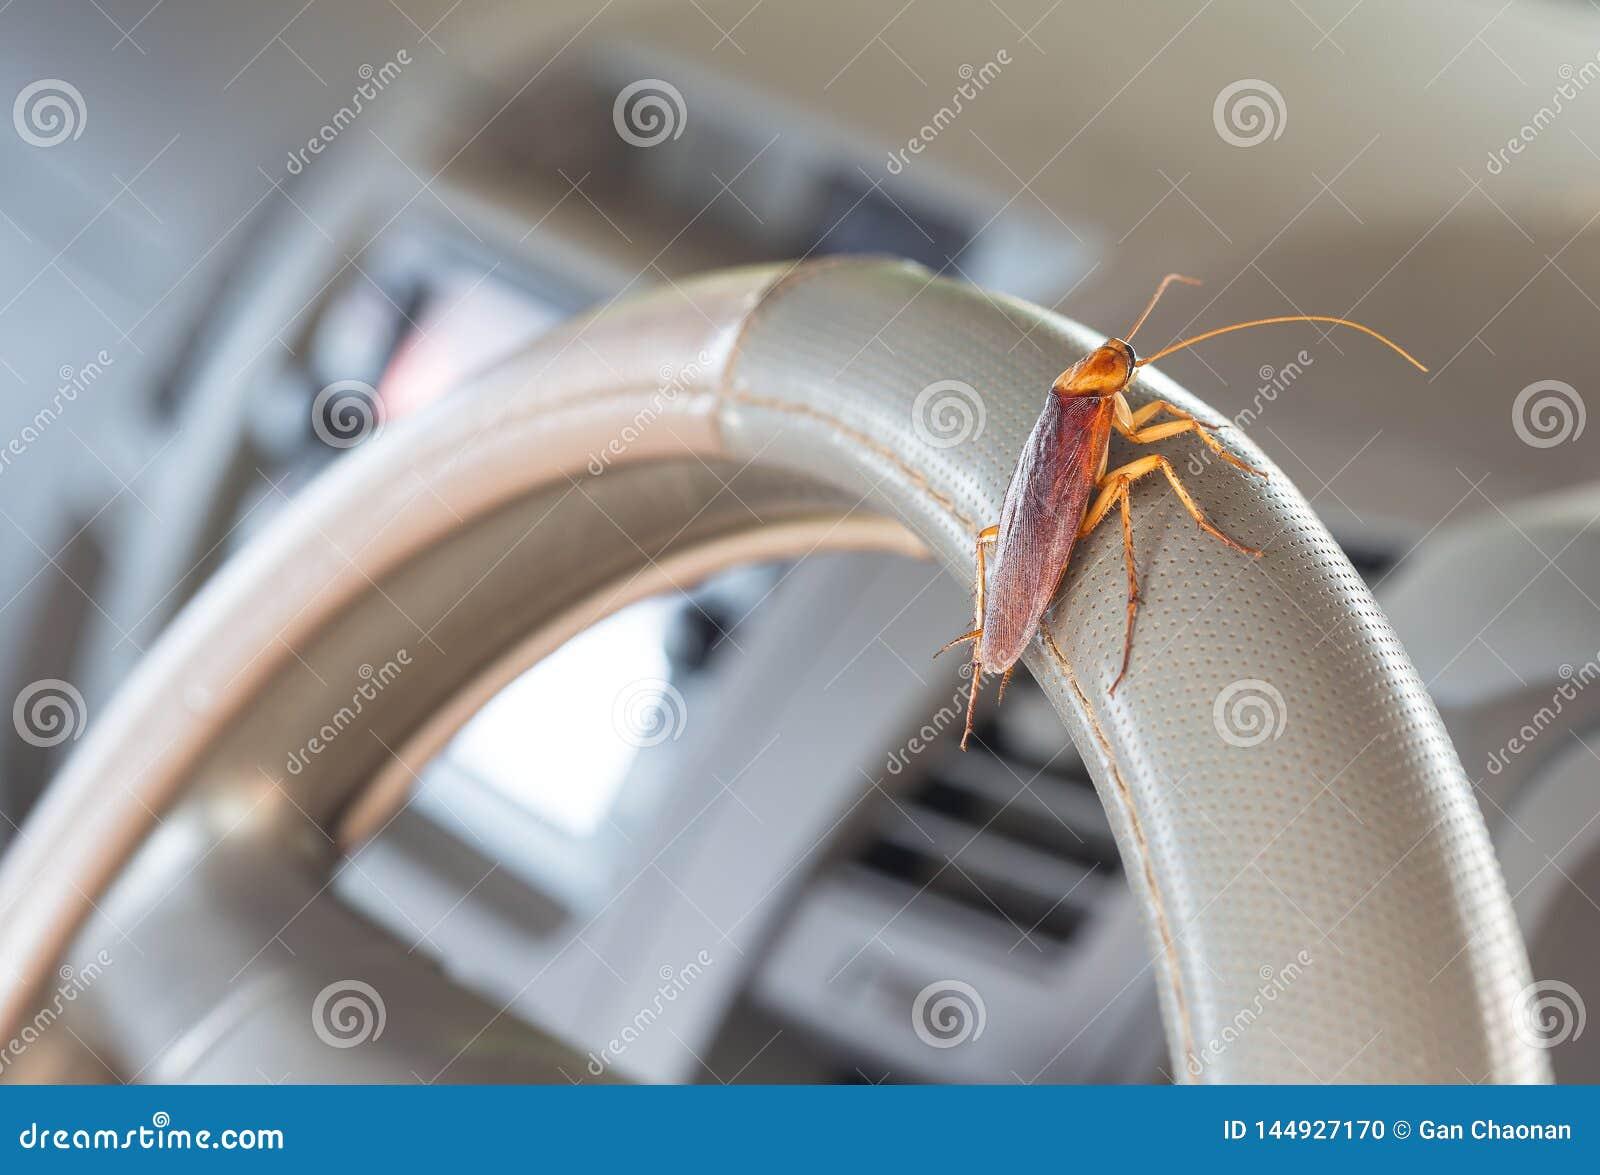 Kakkerlakken op het stuurwiel van de auto